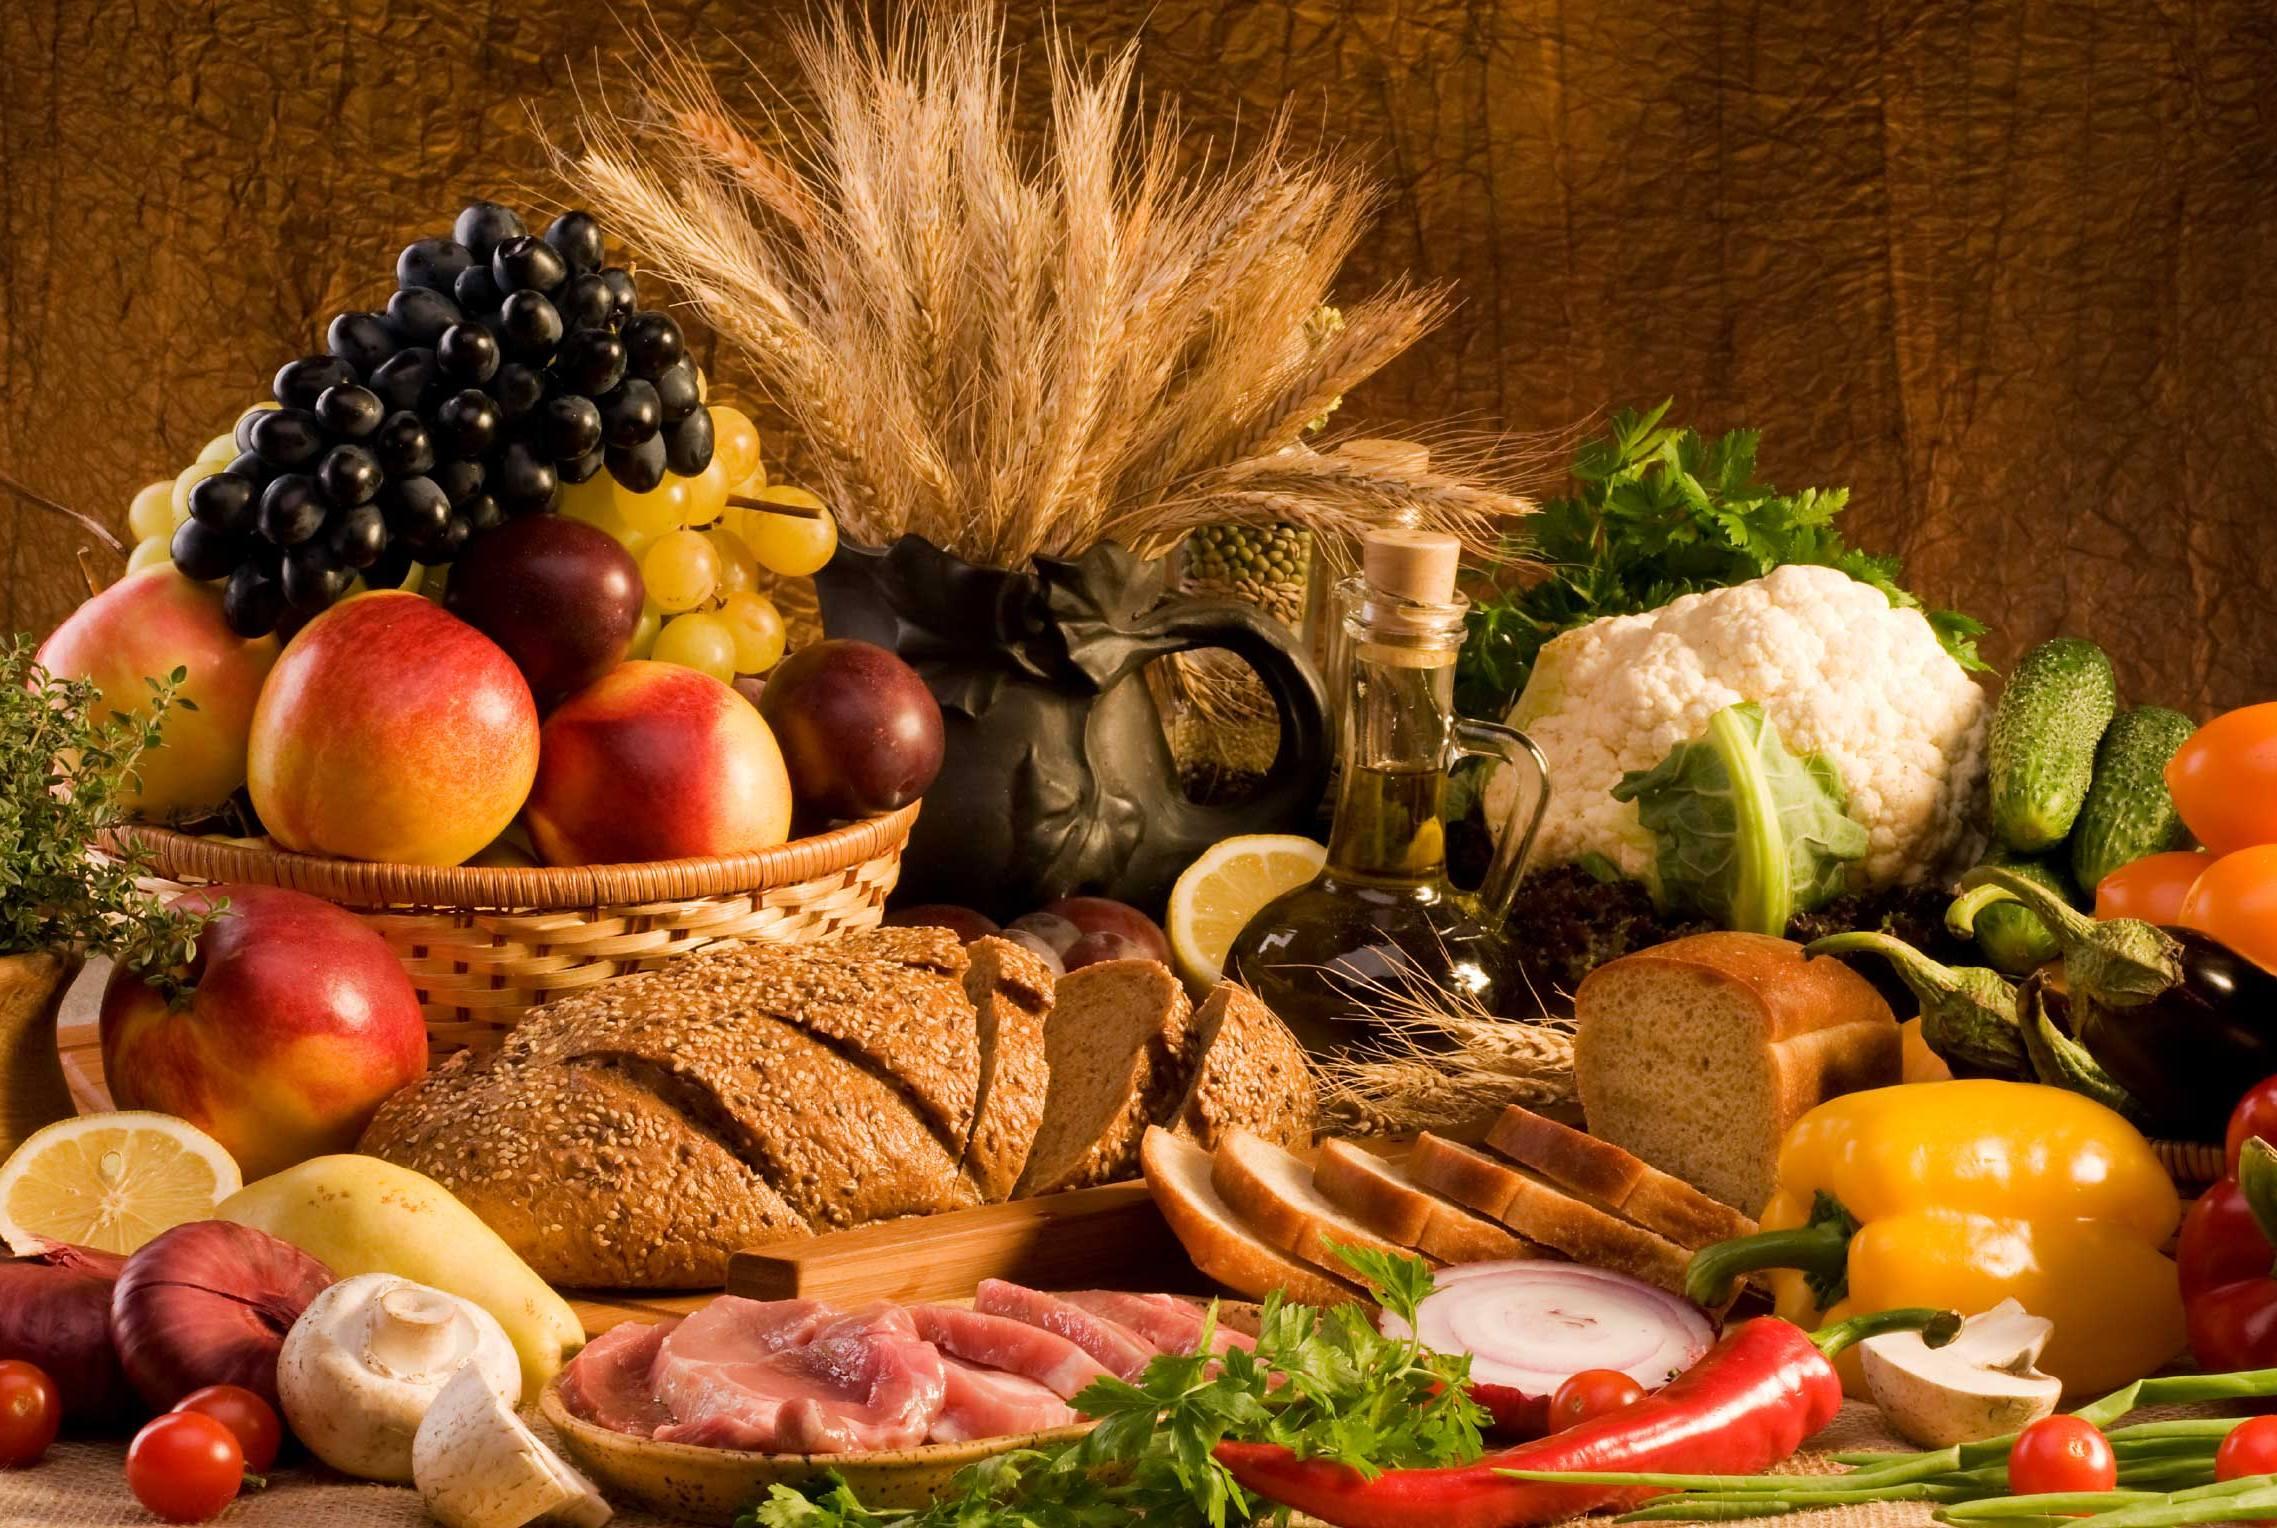 4 nippi, mille abil õpetad oma lapse täisväärtusliku toitu armastama